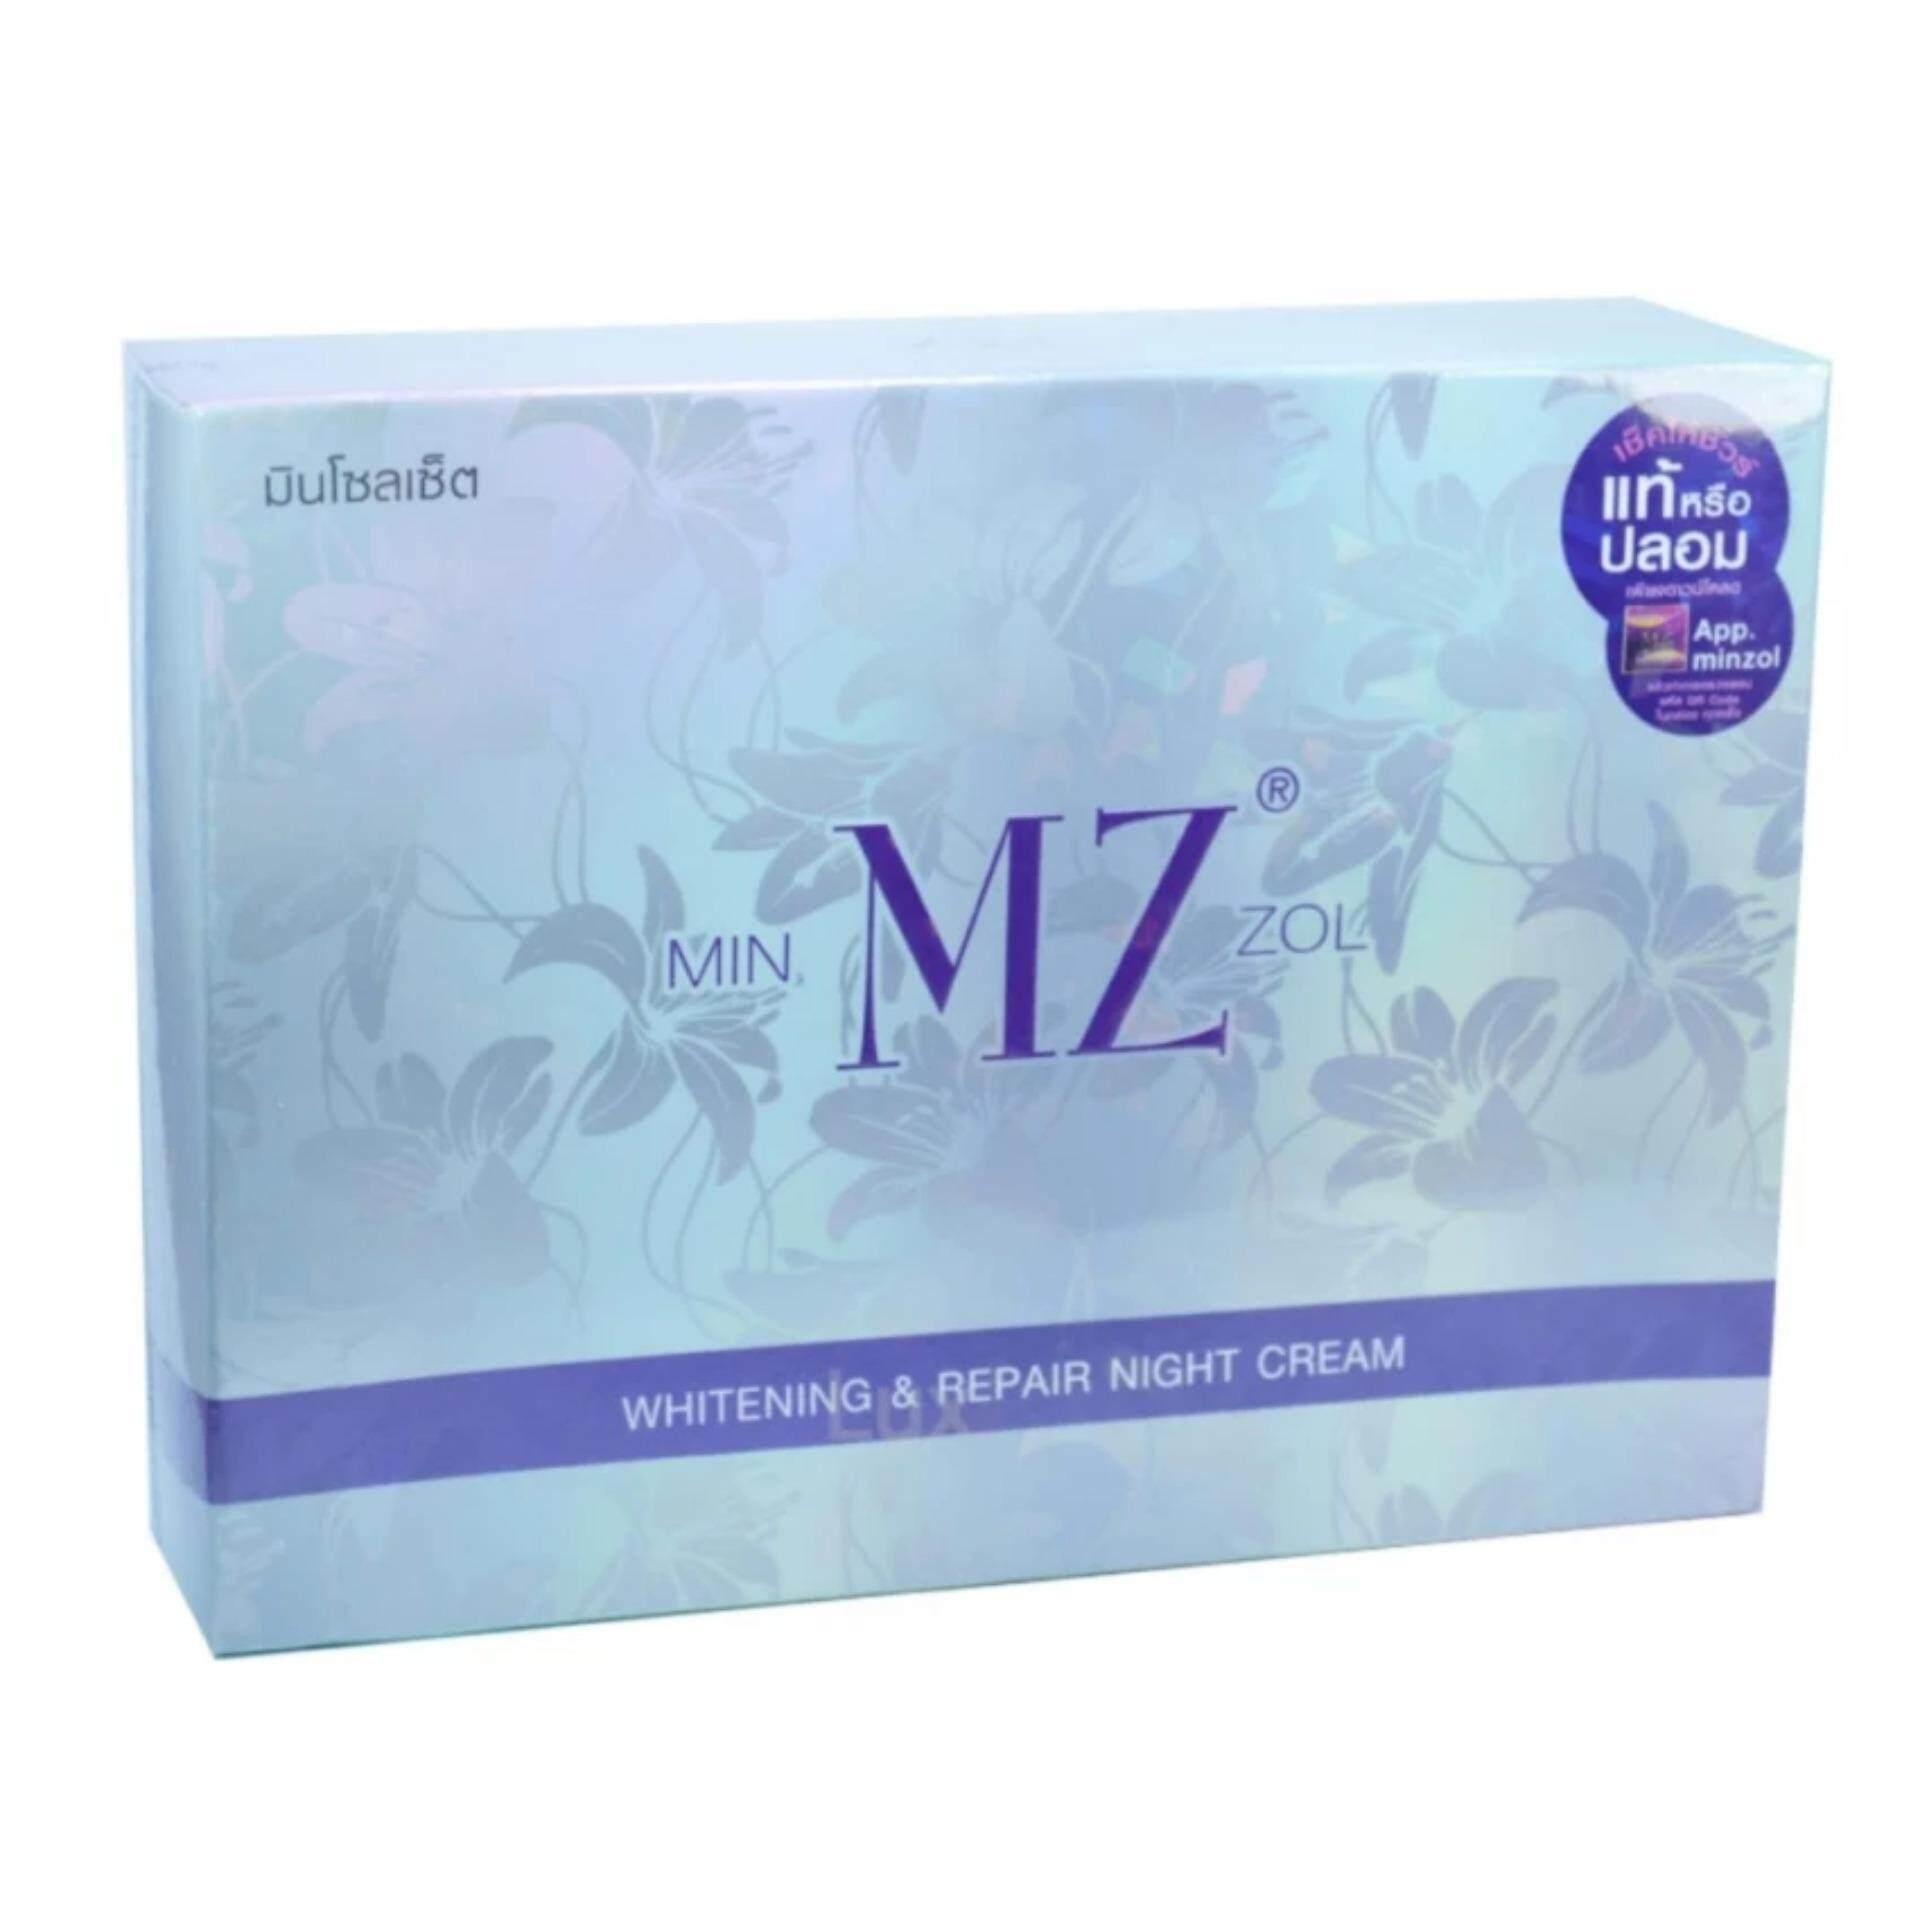 ขายถูกที่สุด MinZol ครีมมินโซว หน้าขาว กระจ่างใส ไร้สิว x1ชุด 2กระปุก ครีมยอดนิยมจากญี่ปุ่น